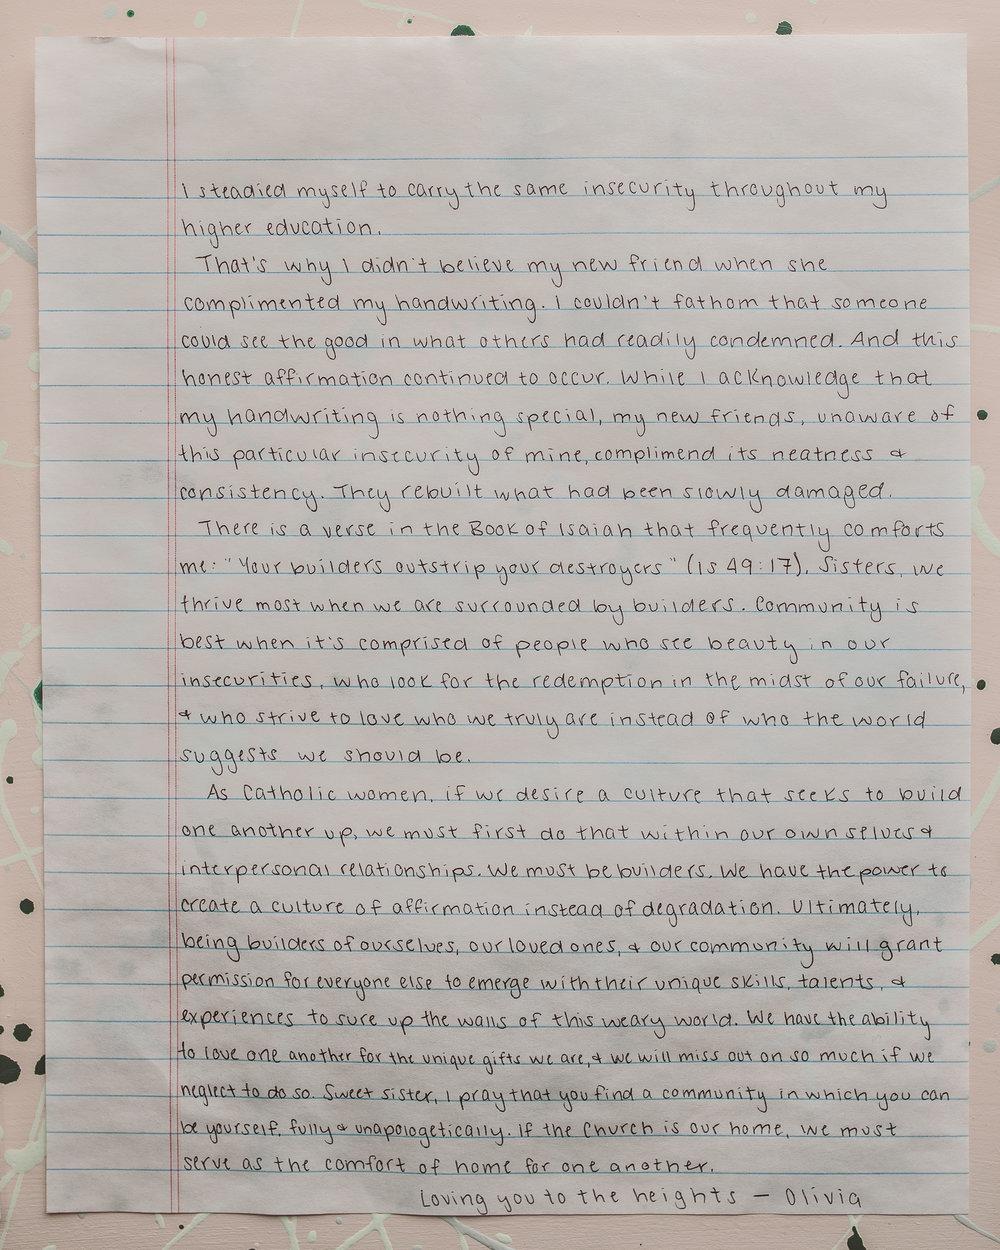 Olivia Spears Letter to Women 2